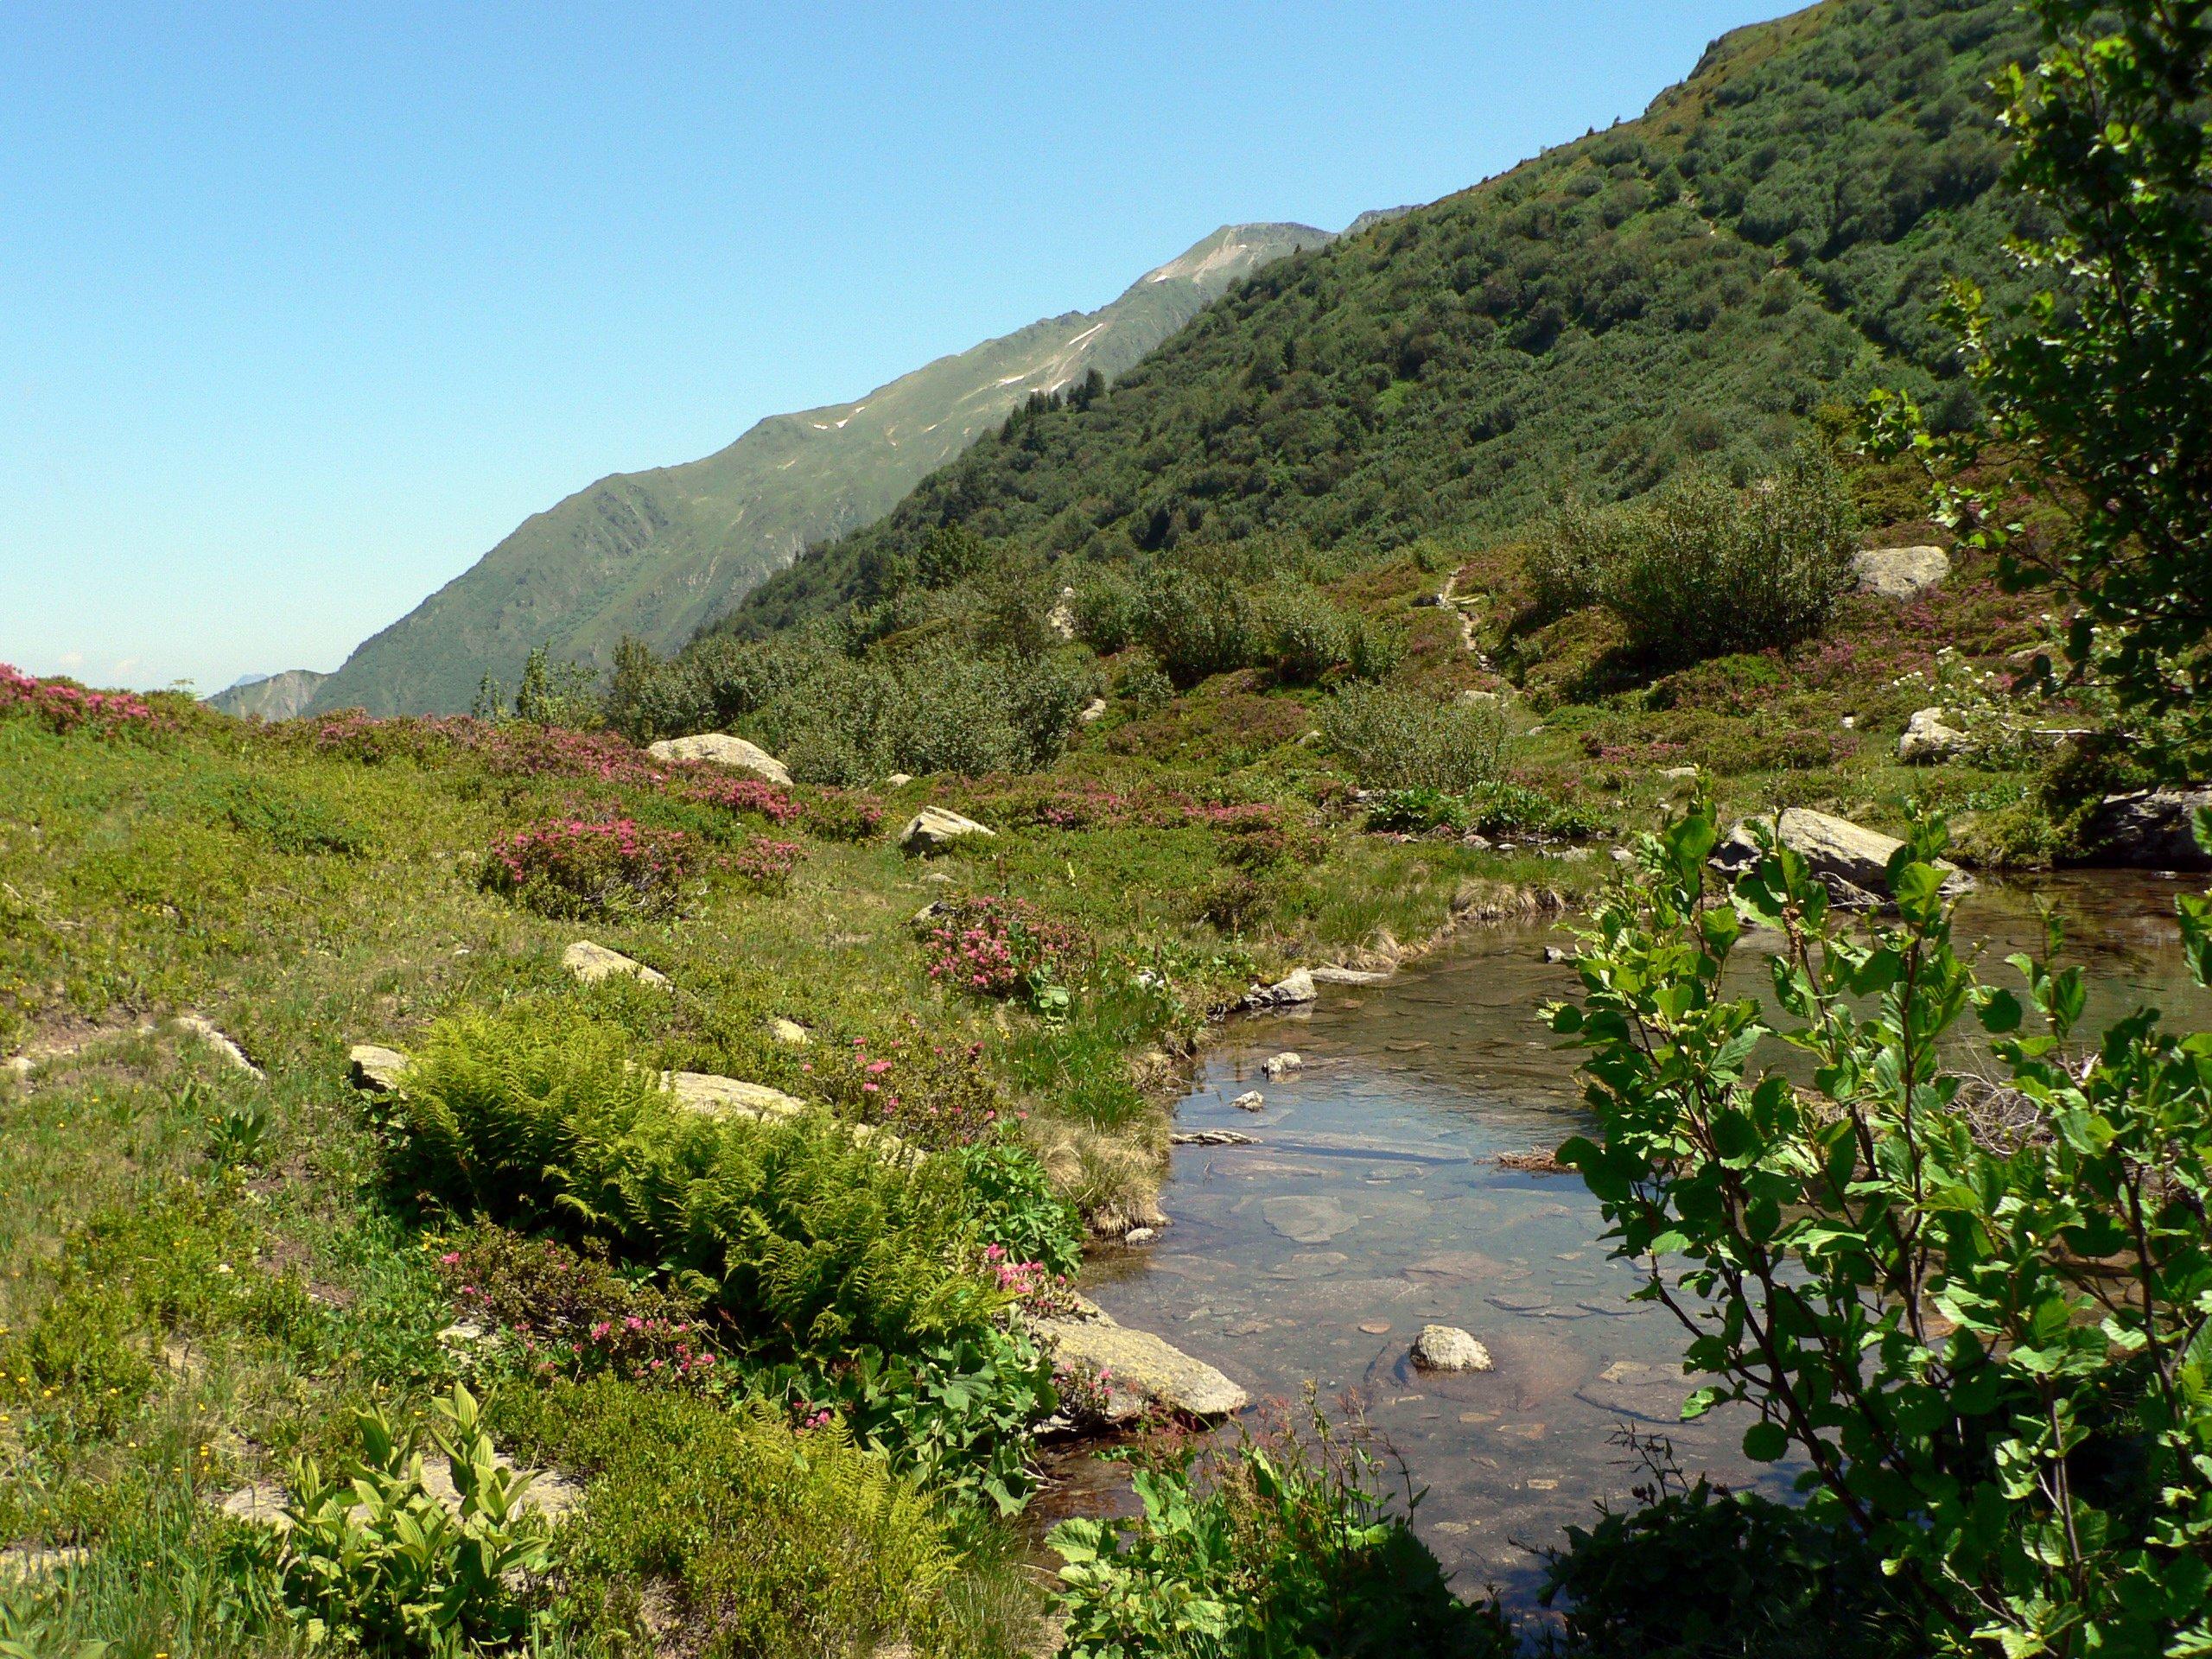 Image accueil de la page Sentier des Alpages du site Montsapey